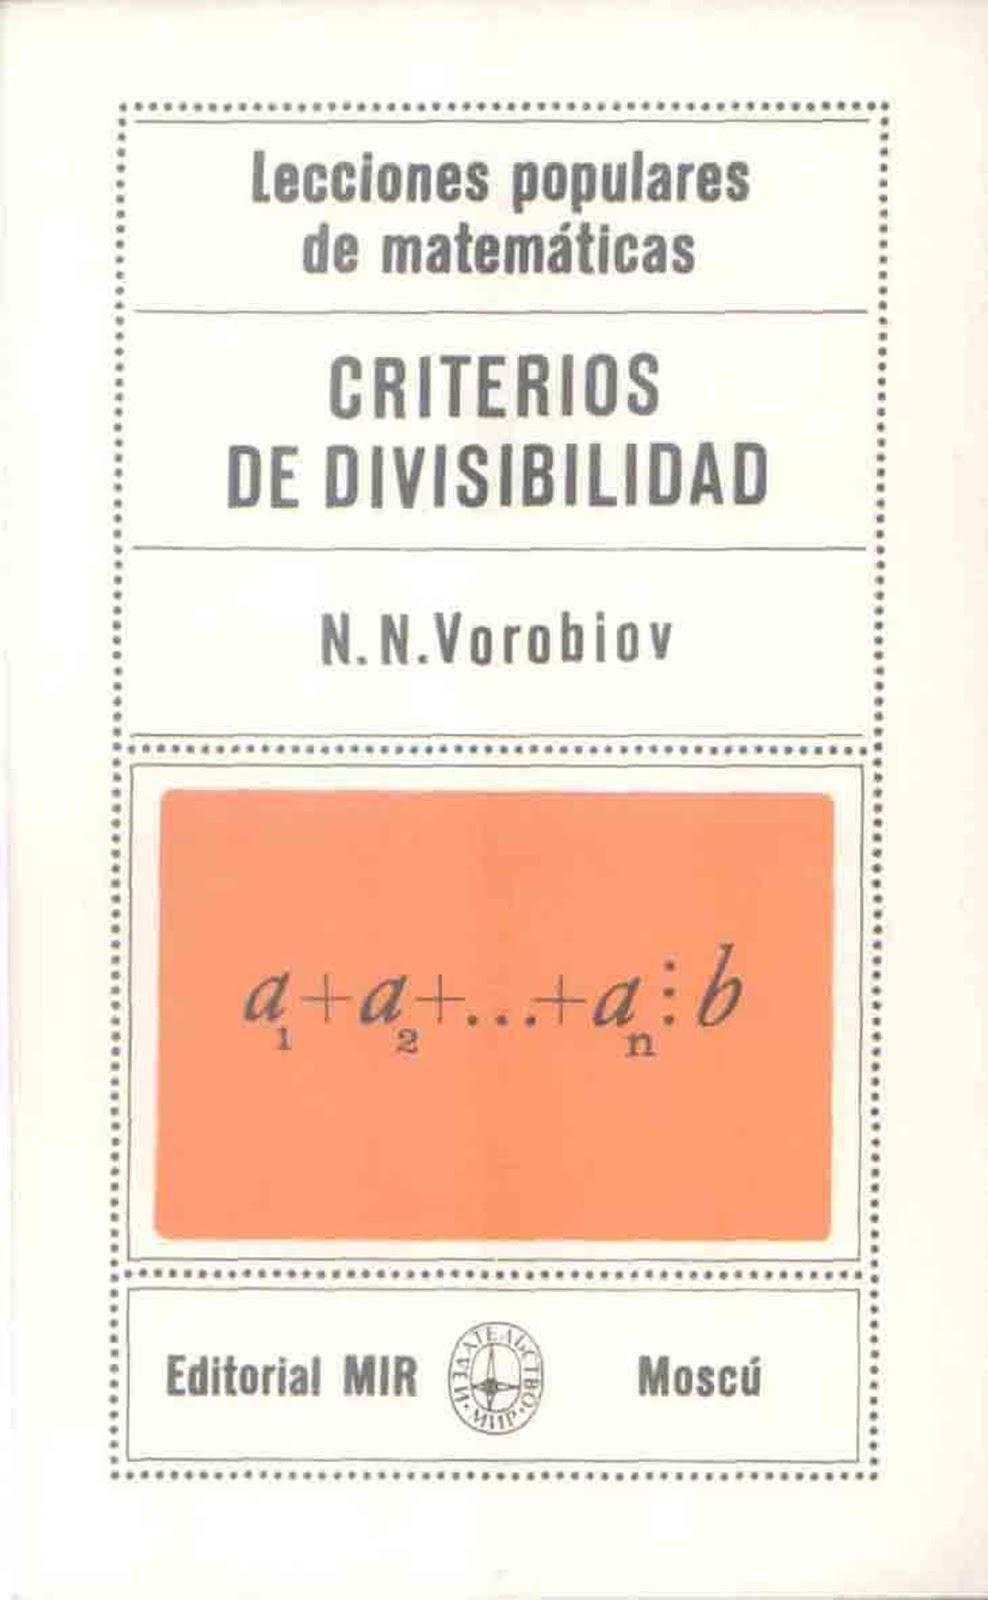 Criterios de divisibilidad – N. N. Vorobiov